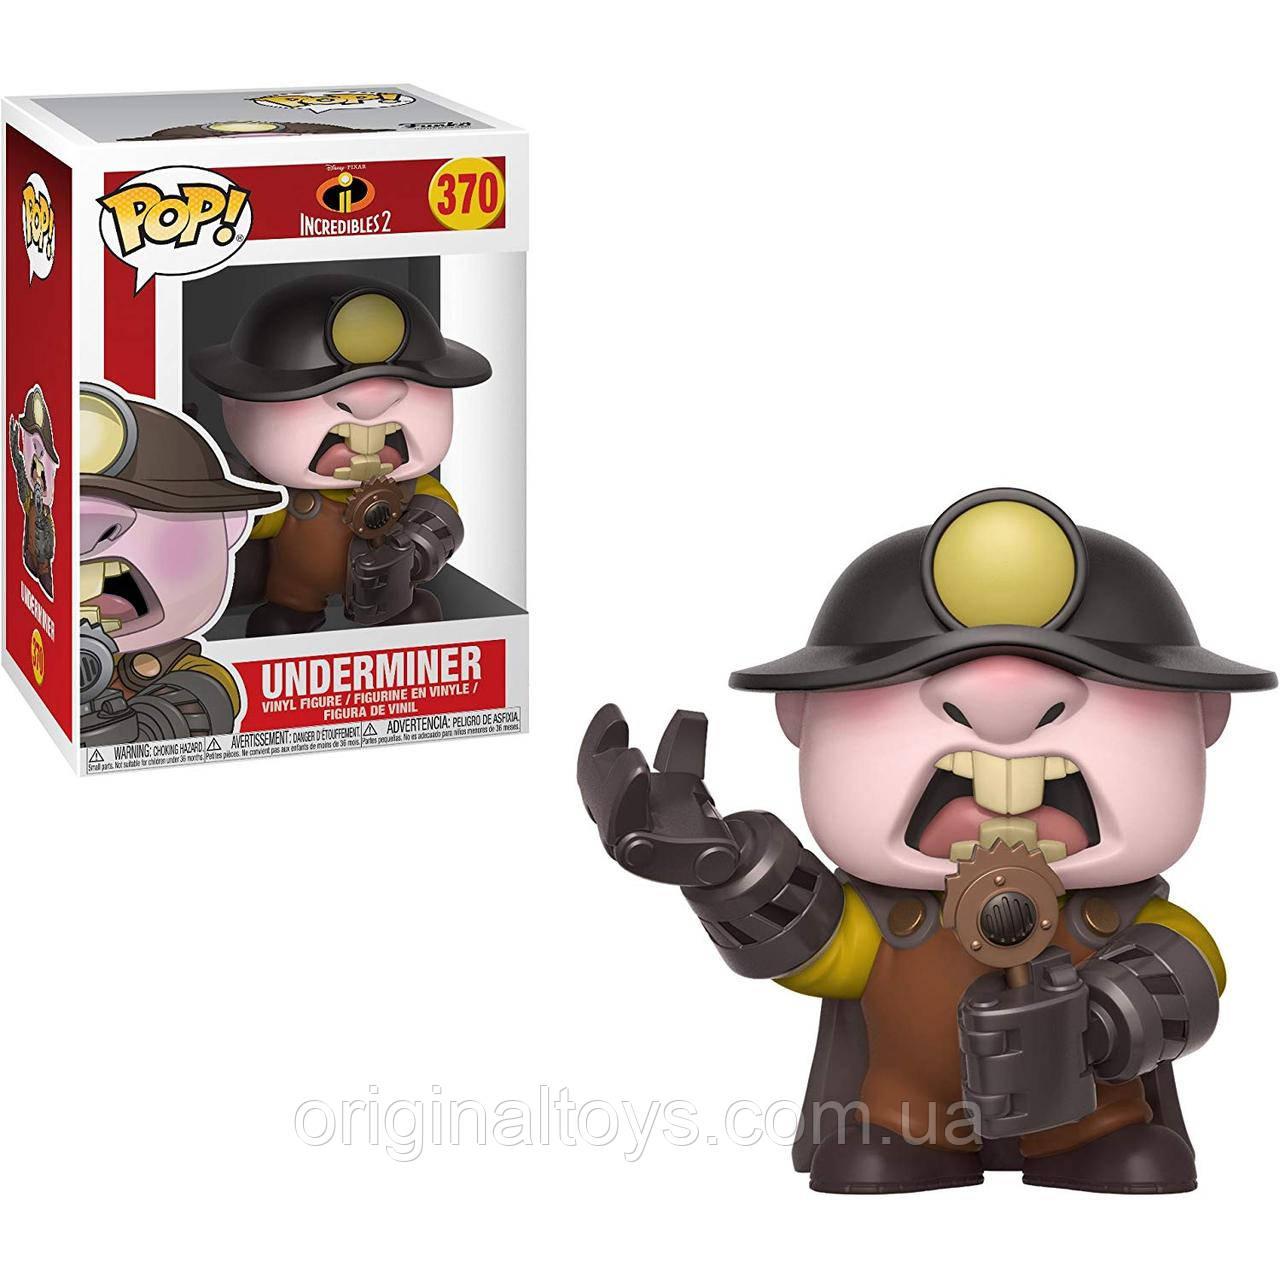 Виниловая фигурка Funko Pop Disney Подрыватель Суперсемейка 2 - Incredibles 2 - Underminer 370